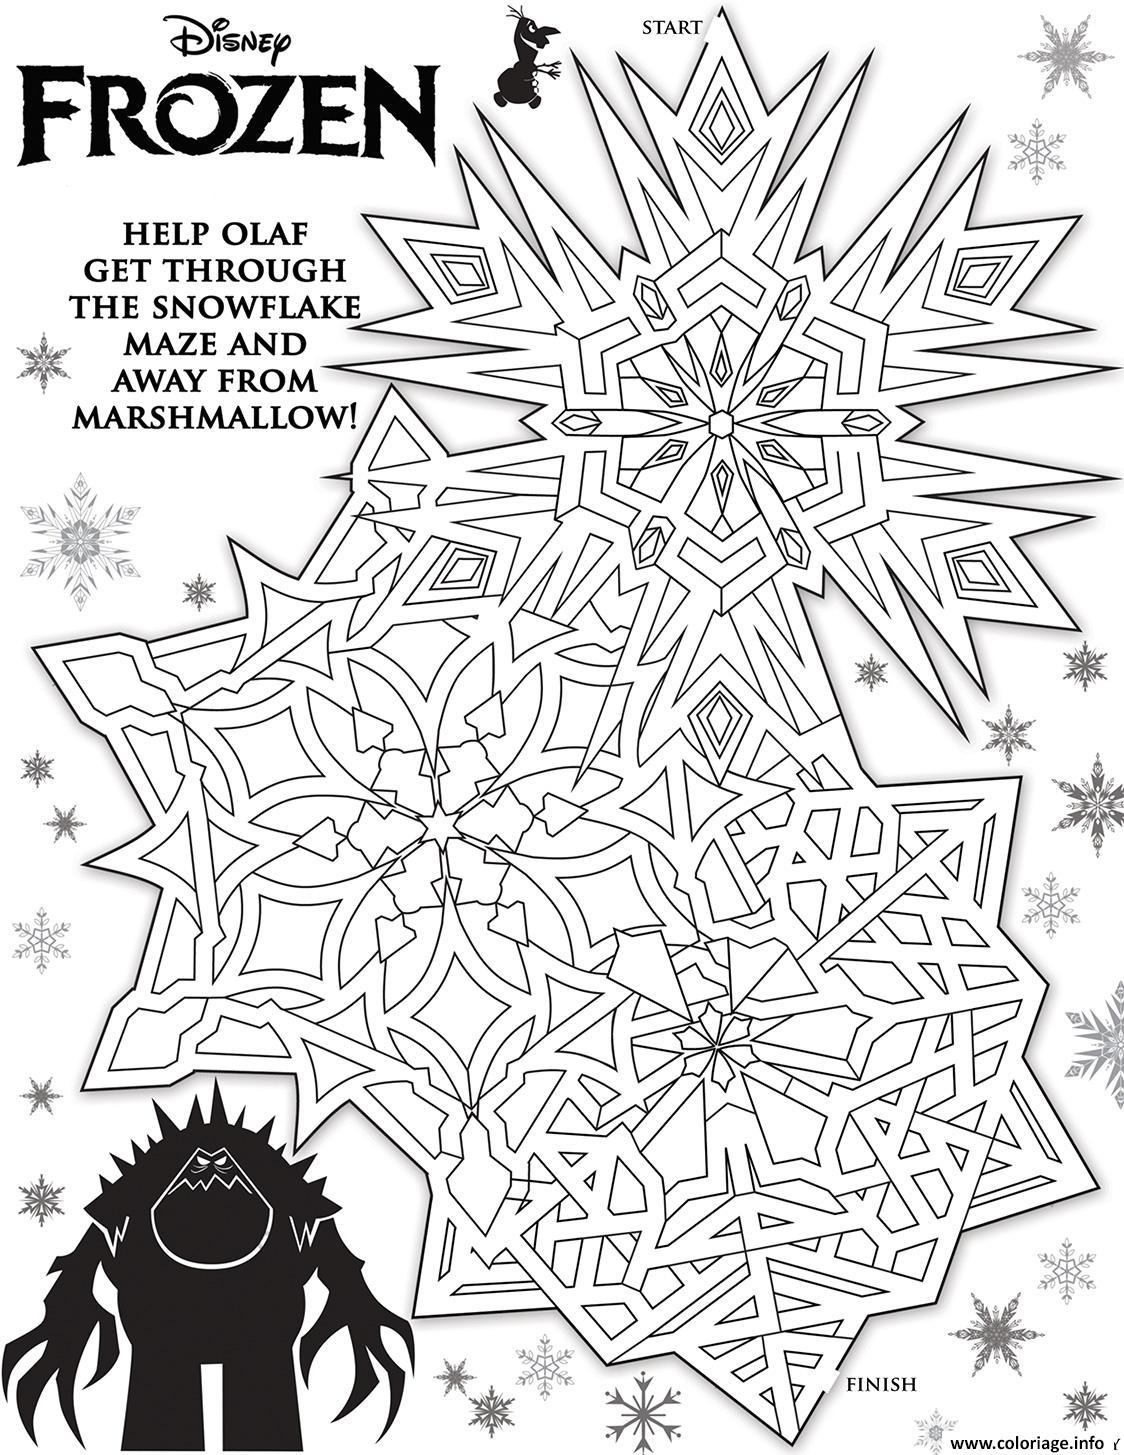 Coloriage olaf labyrinthe reine des neiges dessin - Labyrinthe dessin ...